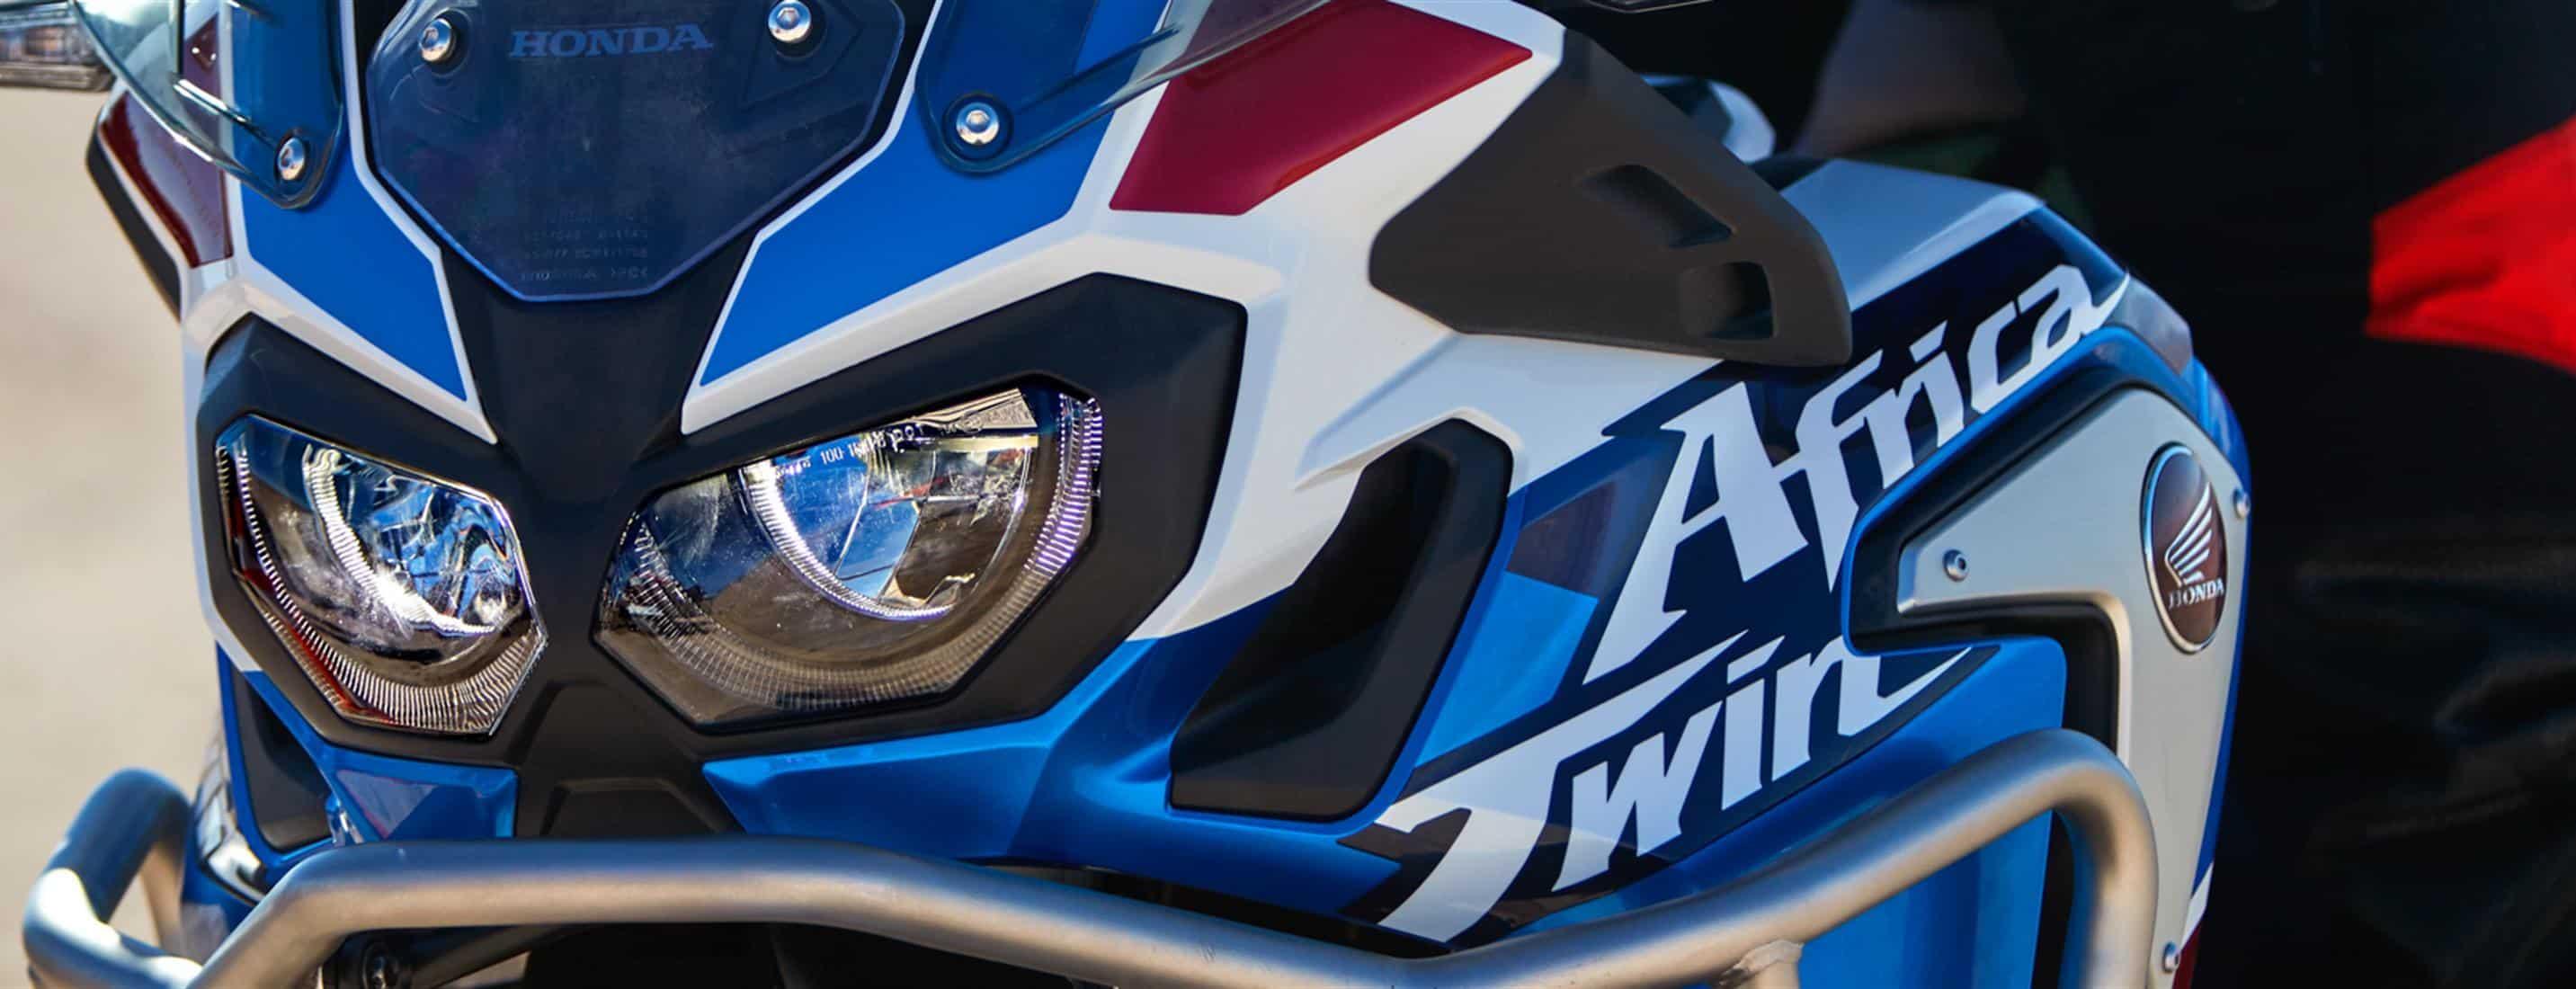 2018 Honda CRF1000L/L2 Africa Twin